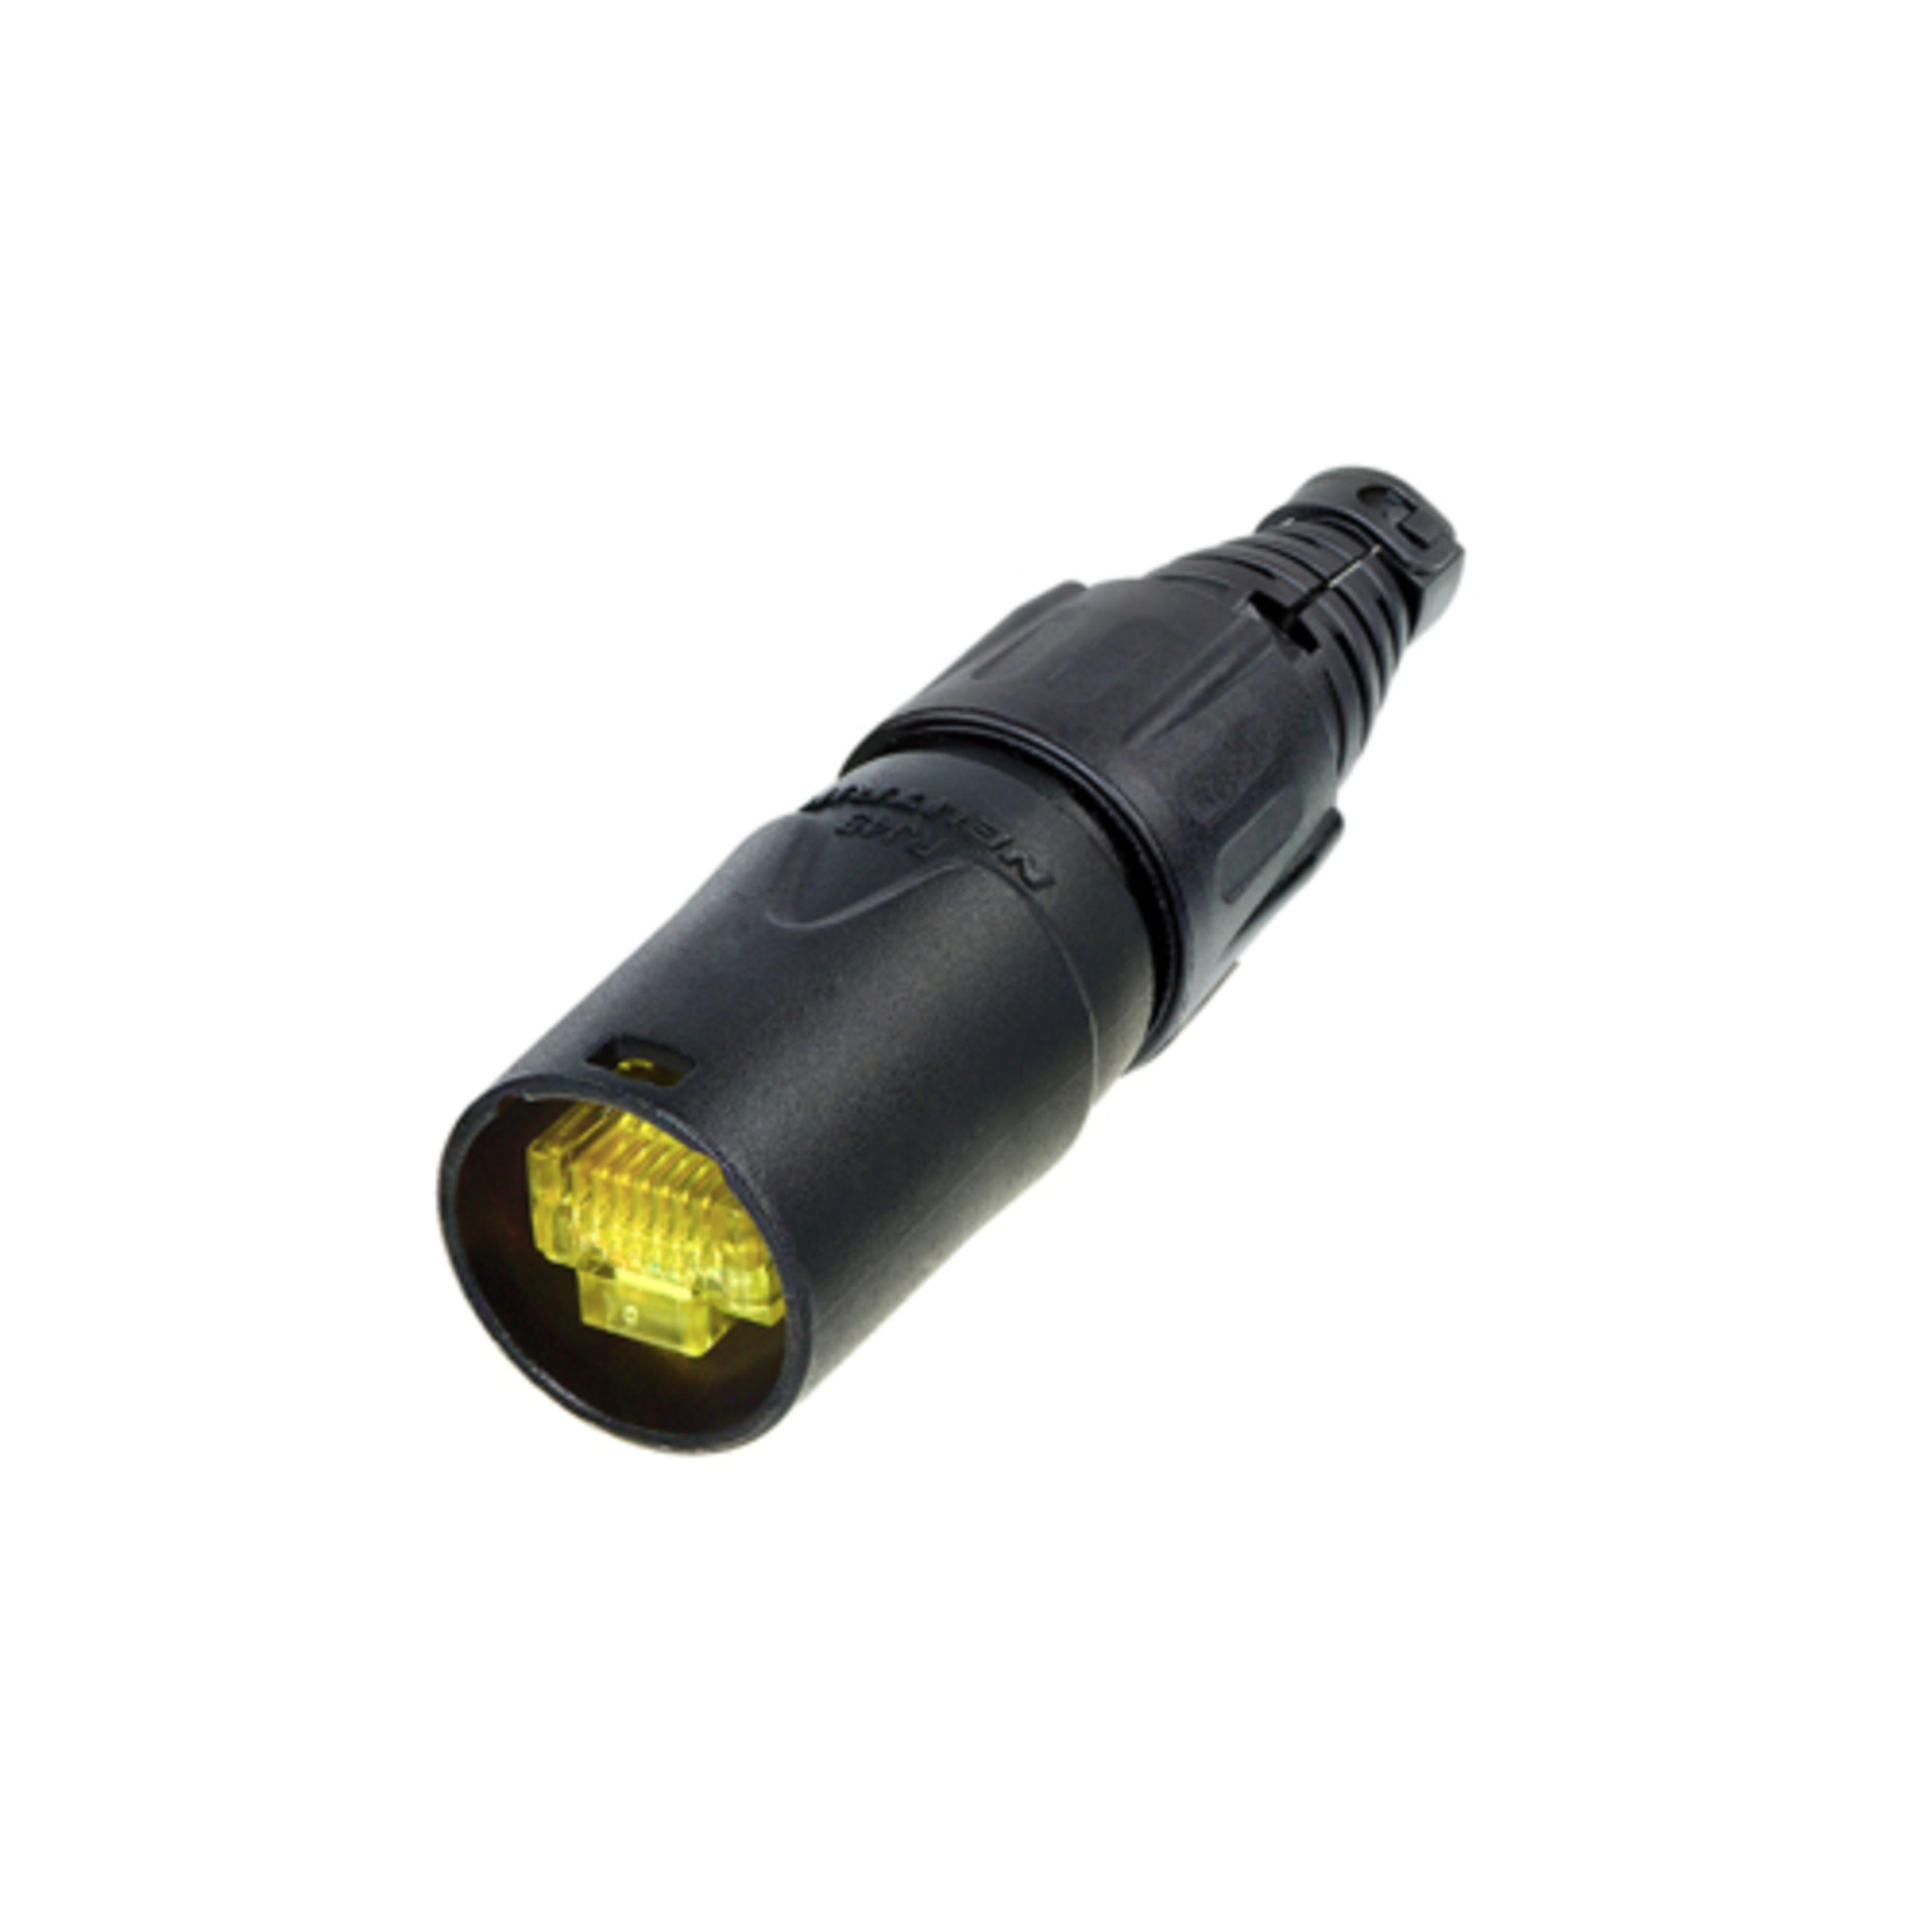 Neutrik - NE8MX-B Kabelsteckerschutz